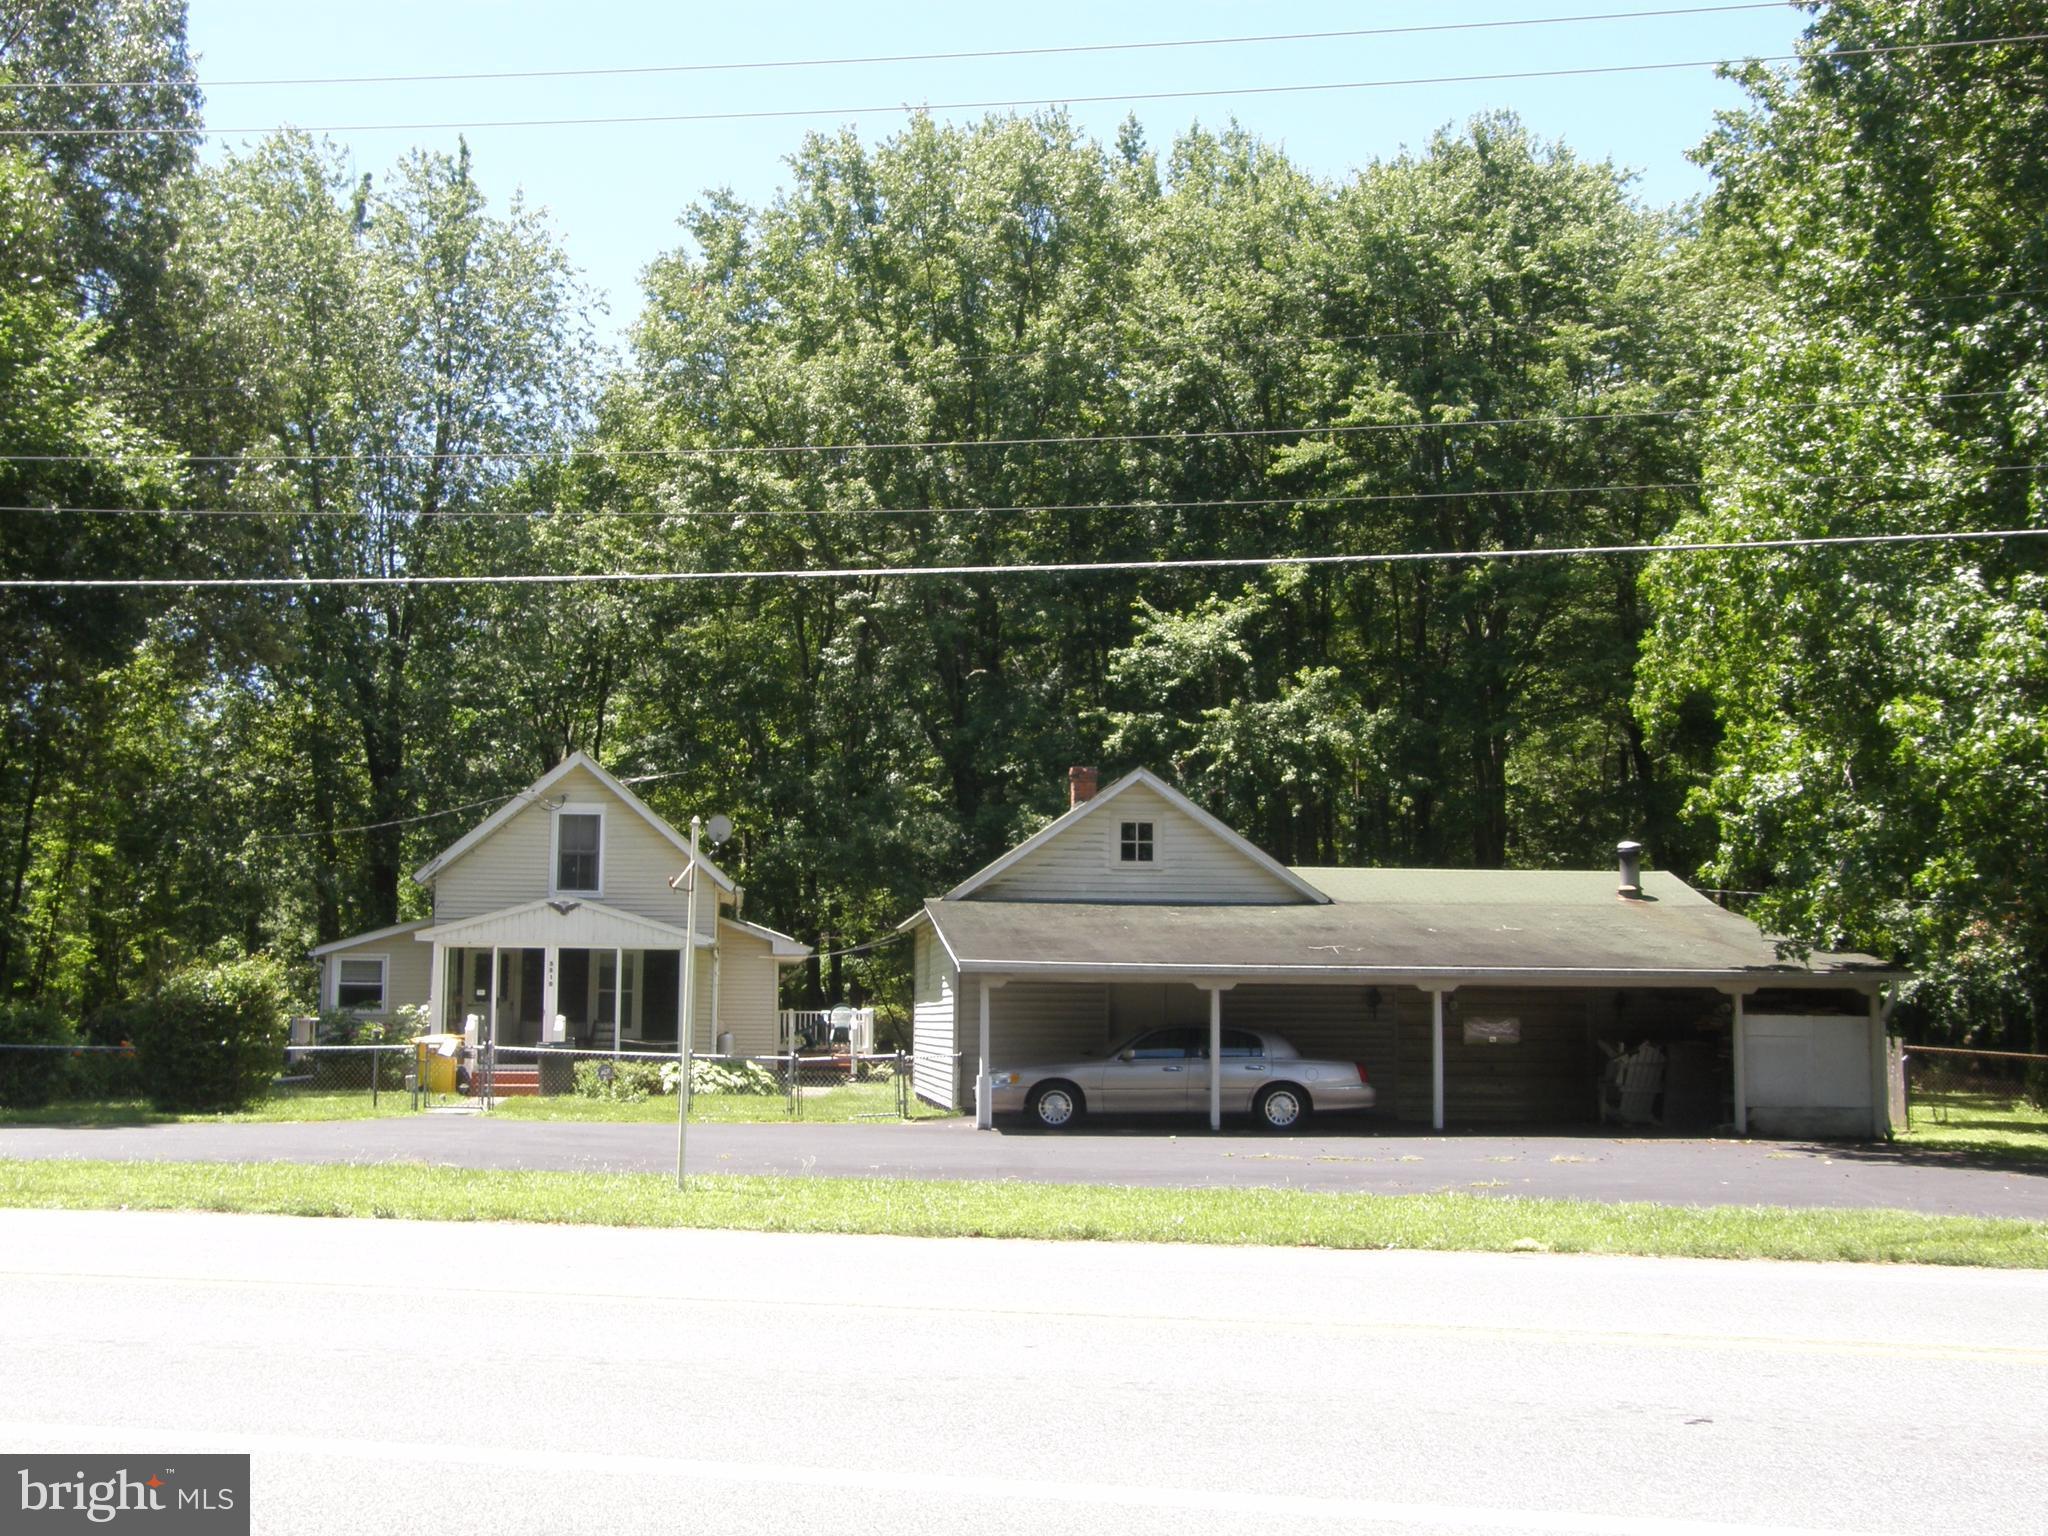 5510 DEALE CHURCHTON ROAD, CHURCHTON, MD 20733